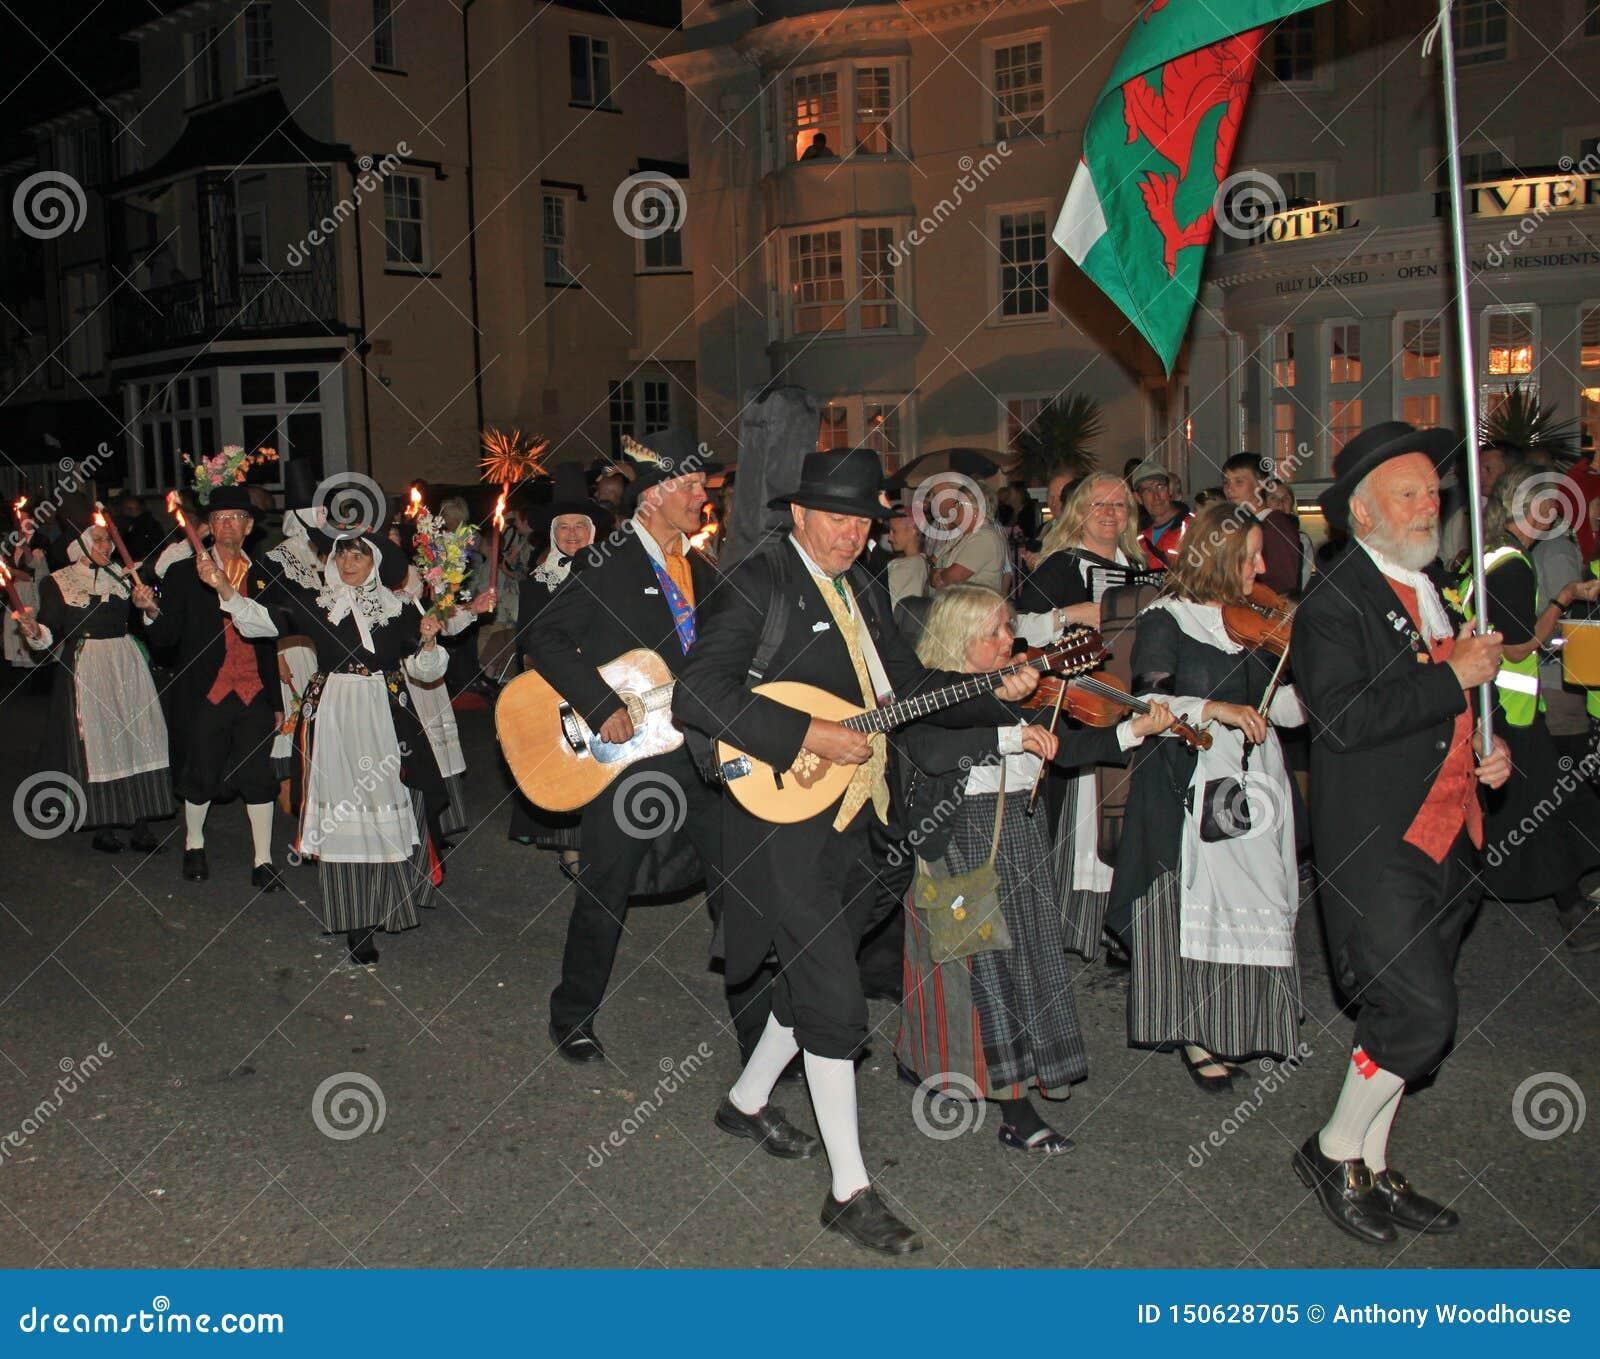 西德茅斯,德文郡,英国- 2012年8月10日:一个小组威尔士执行者参加伙计夜间结束队伍